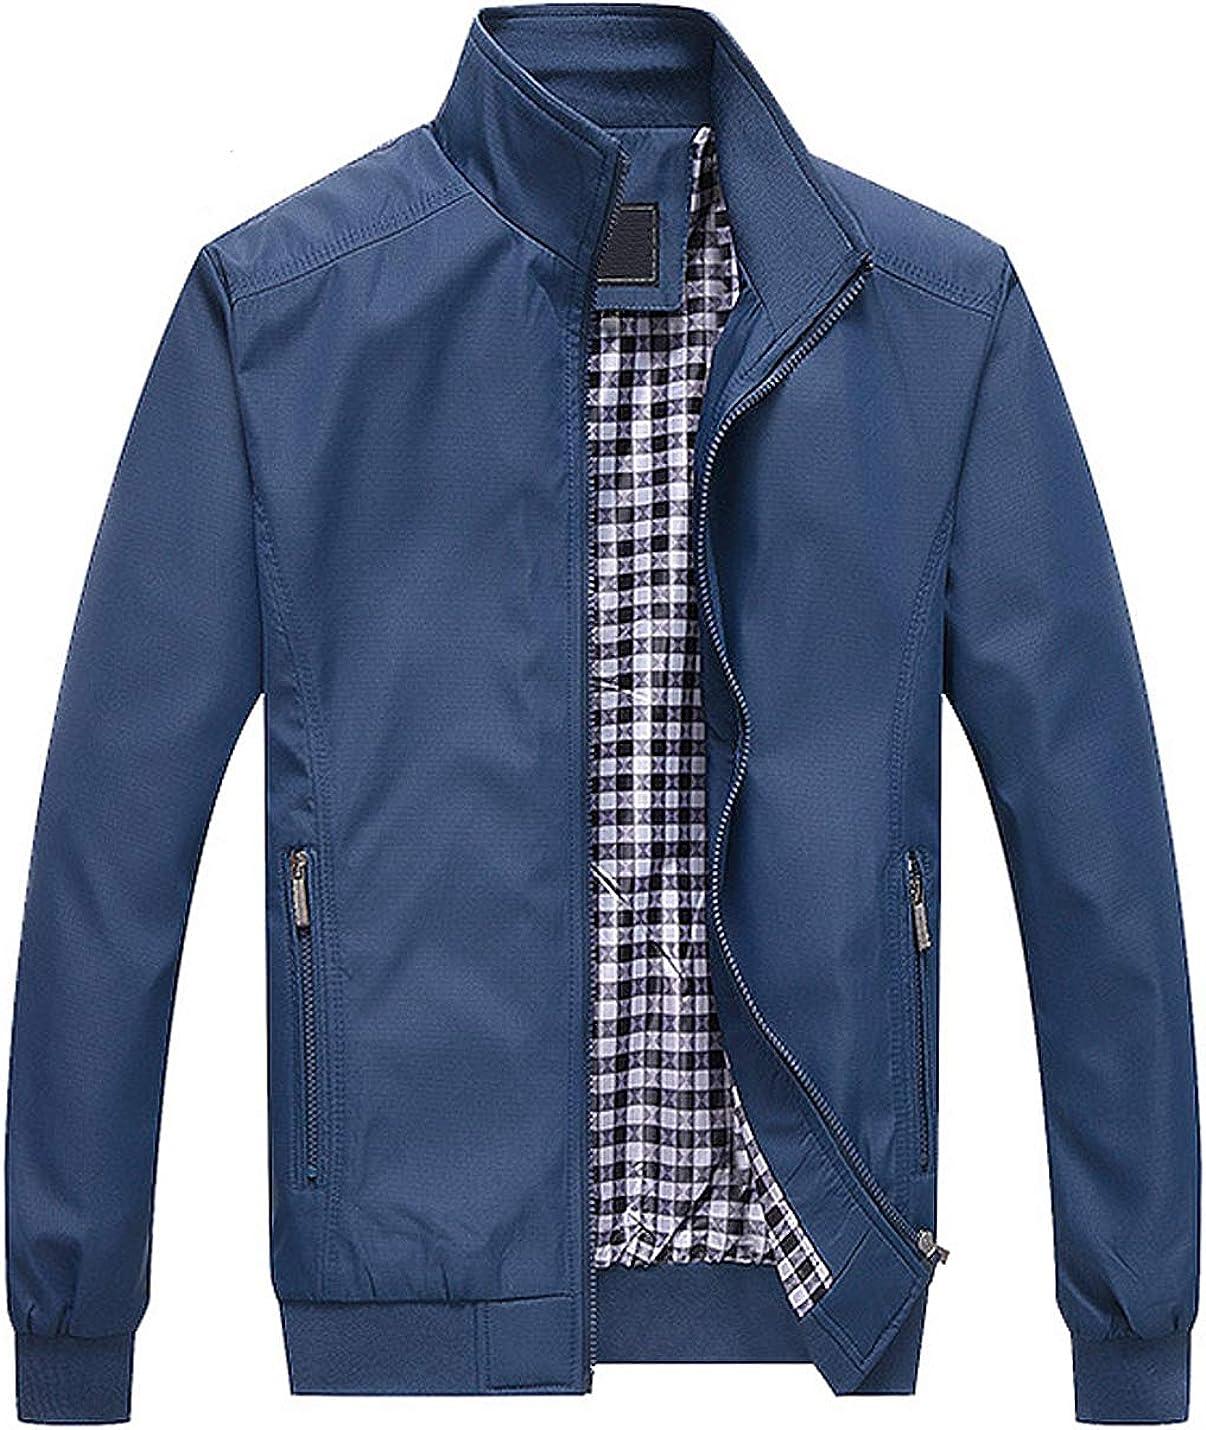 Locachy Men's Flight Bomber Jacket Casual Outdoor Active Lightweight Softshell Zipper Jacket Coat